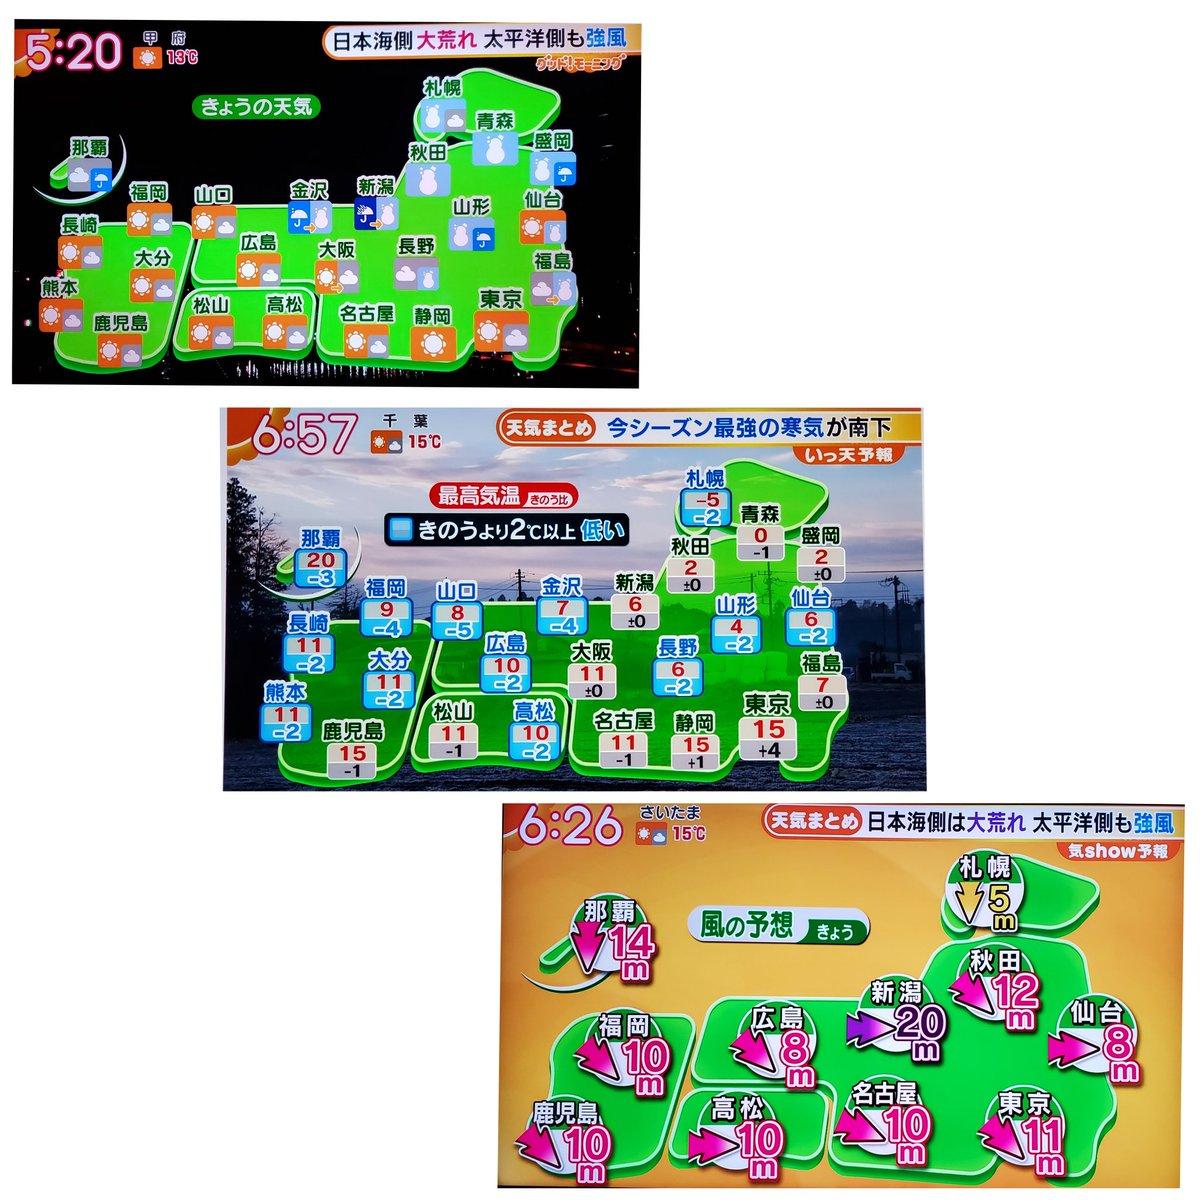 東京 天気 予報 2 週間